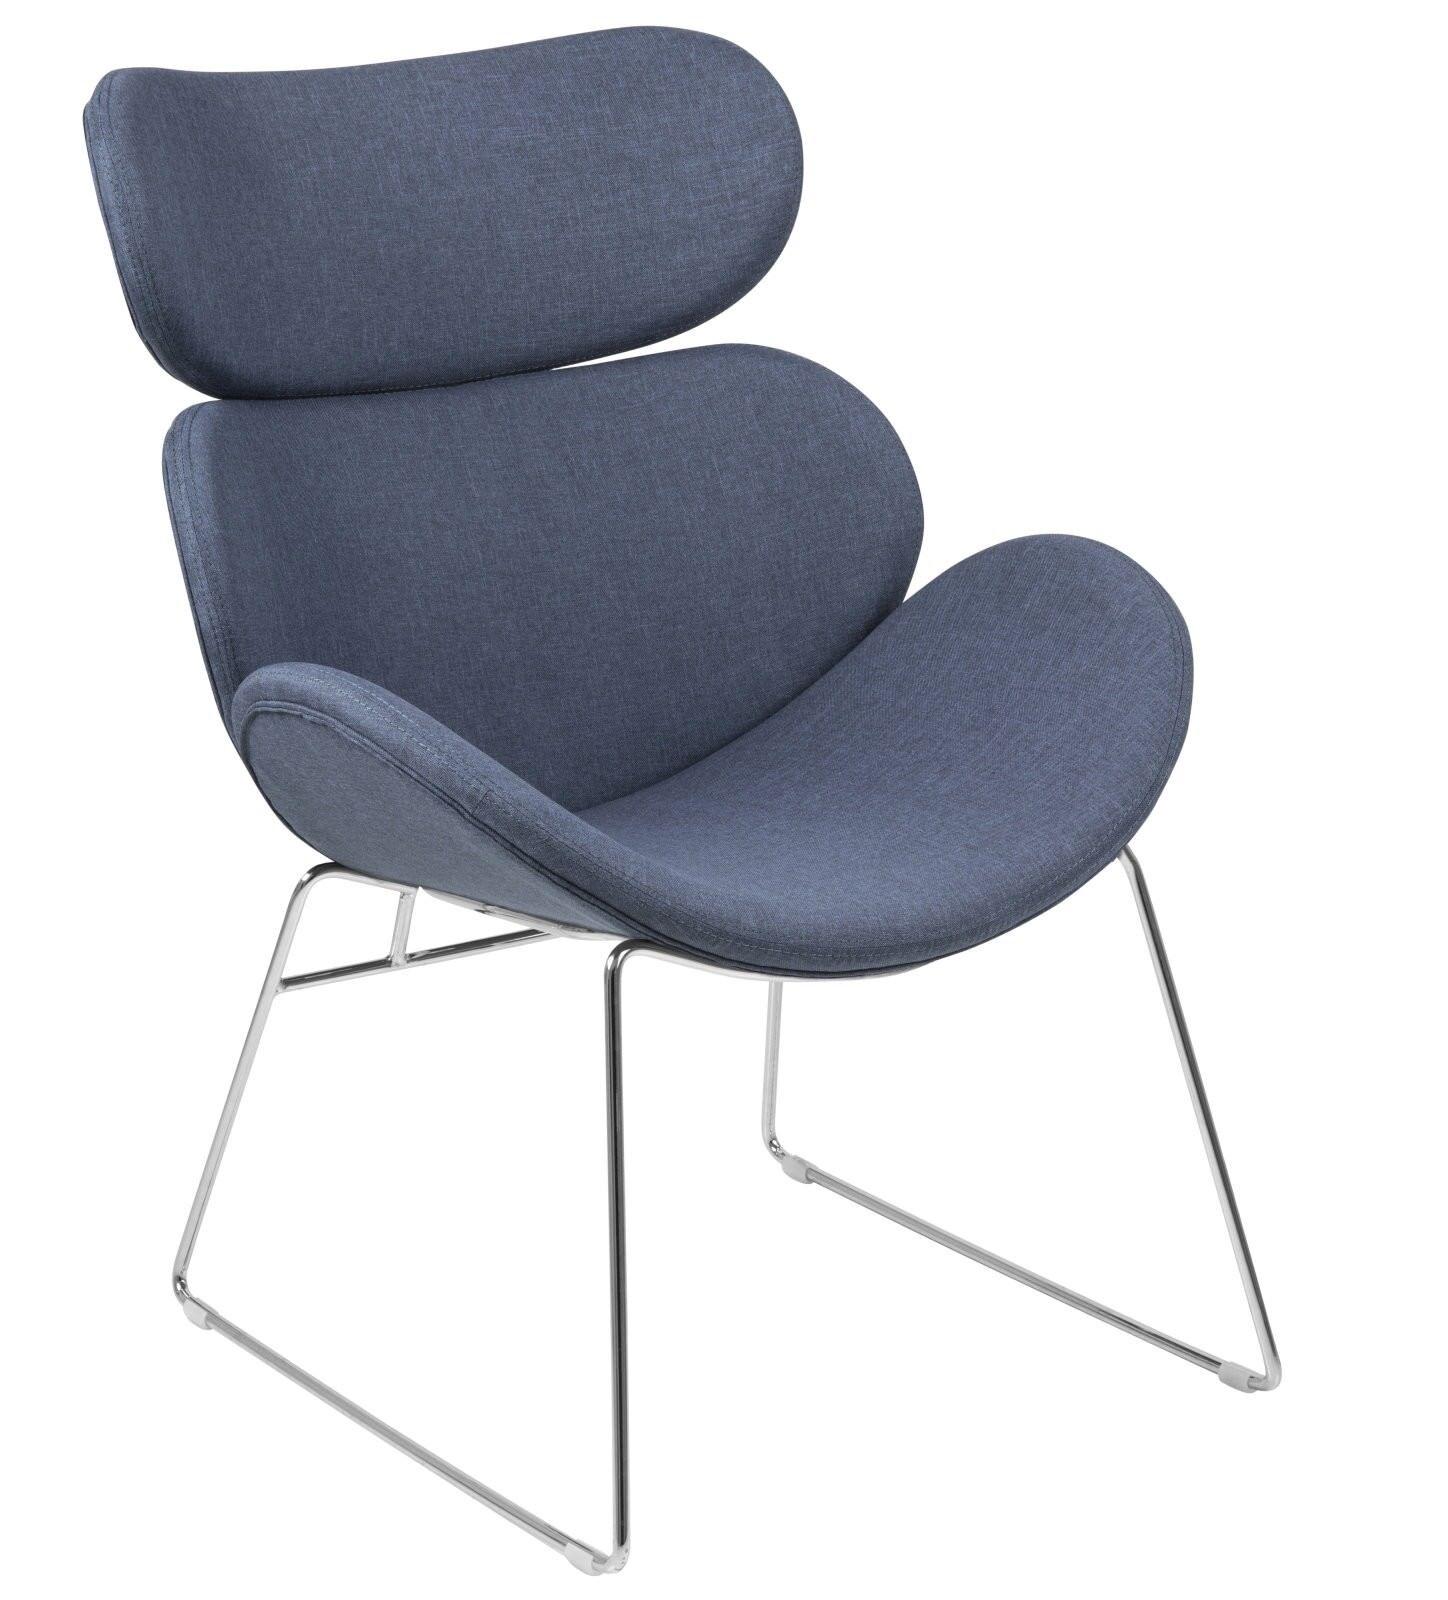 Pkline sillón Cazy descanso en azul oscuro sillón sillón de descanso Cazy fbaa5e